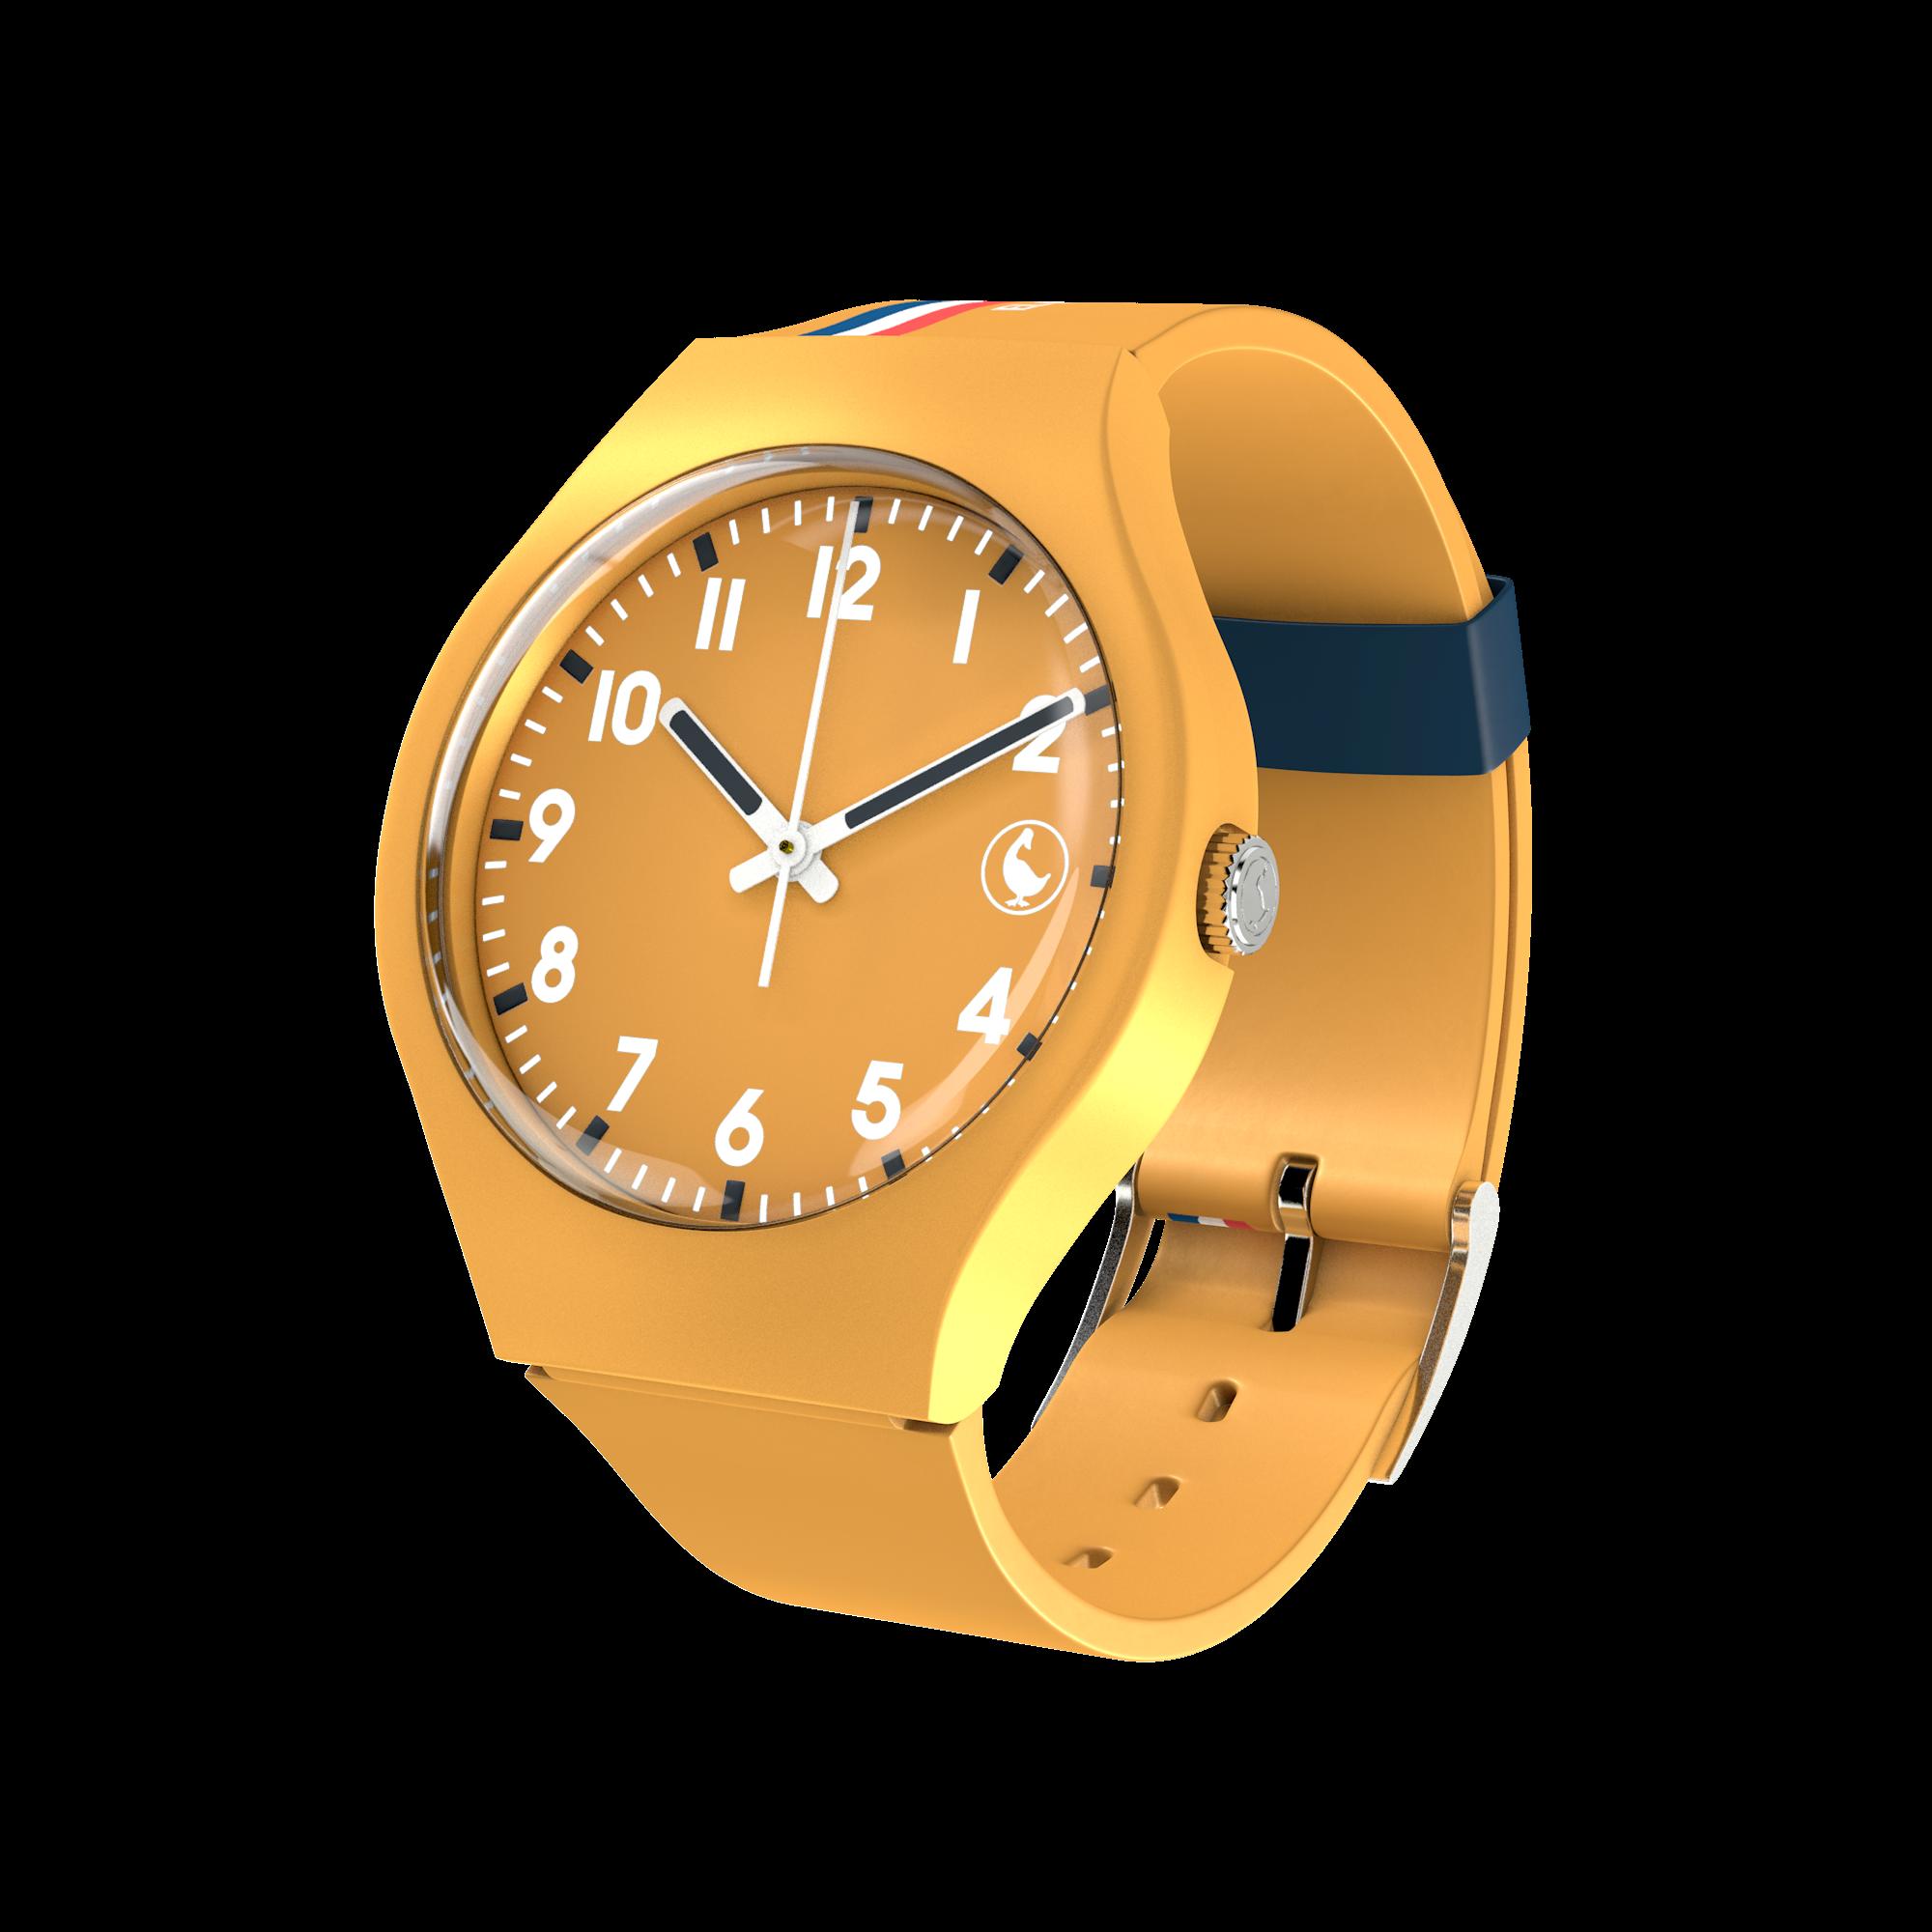 Reloj Ganso Amarillo Image 2